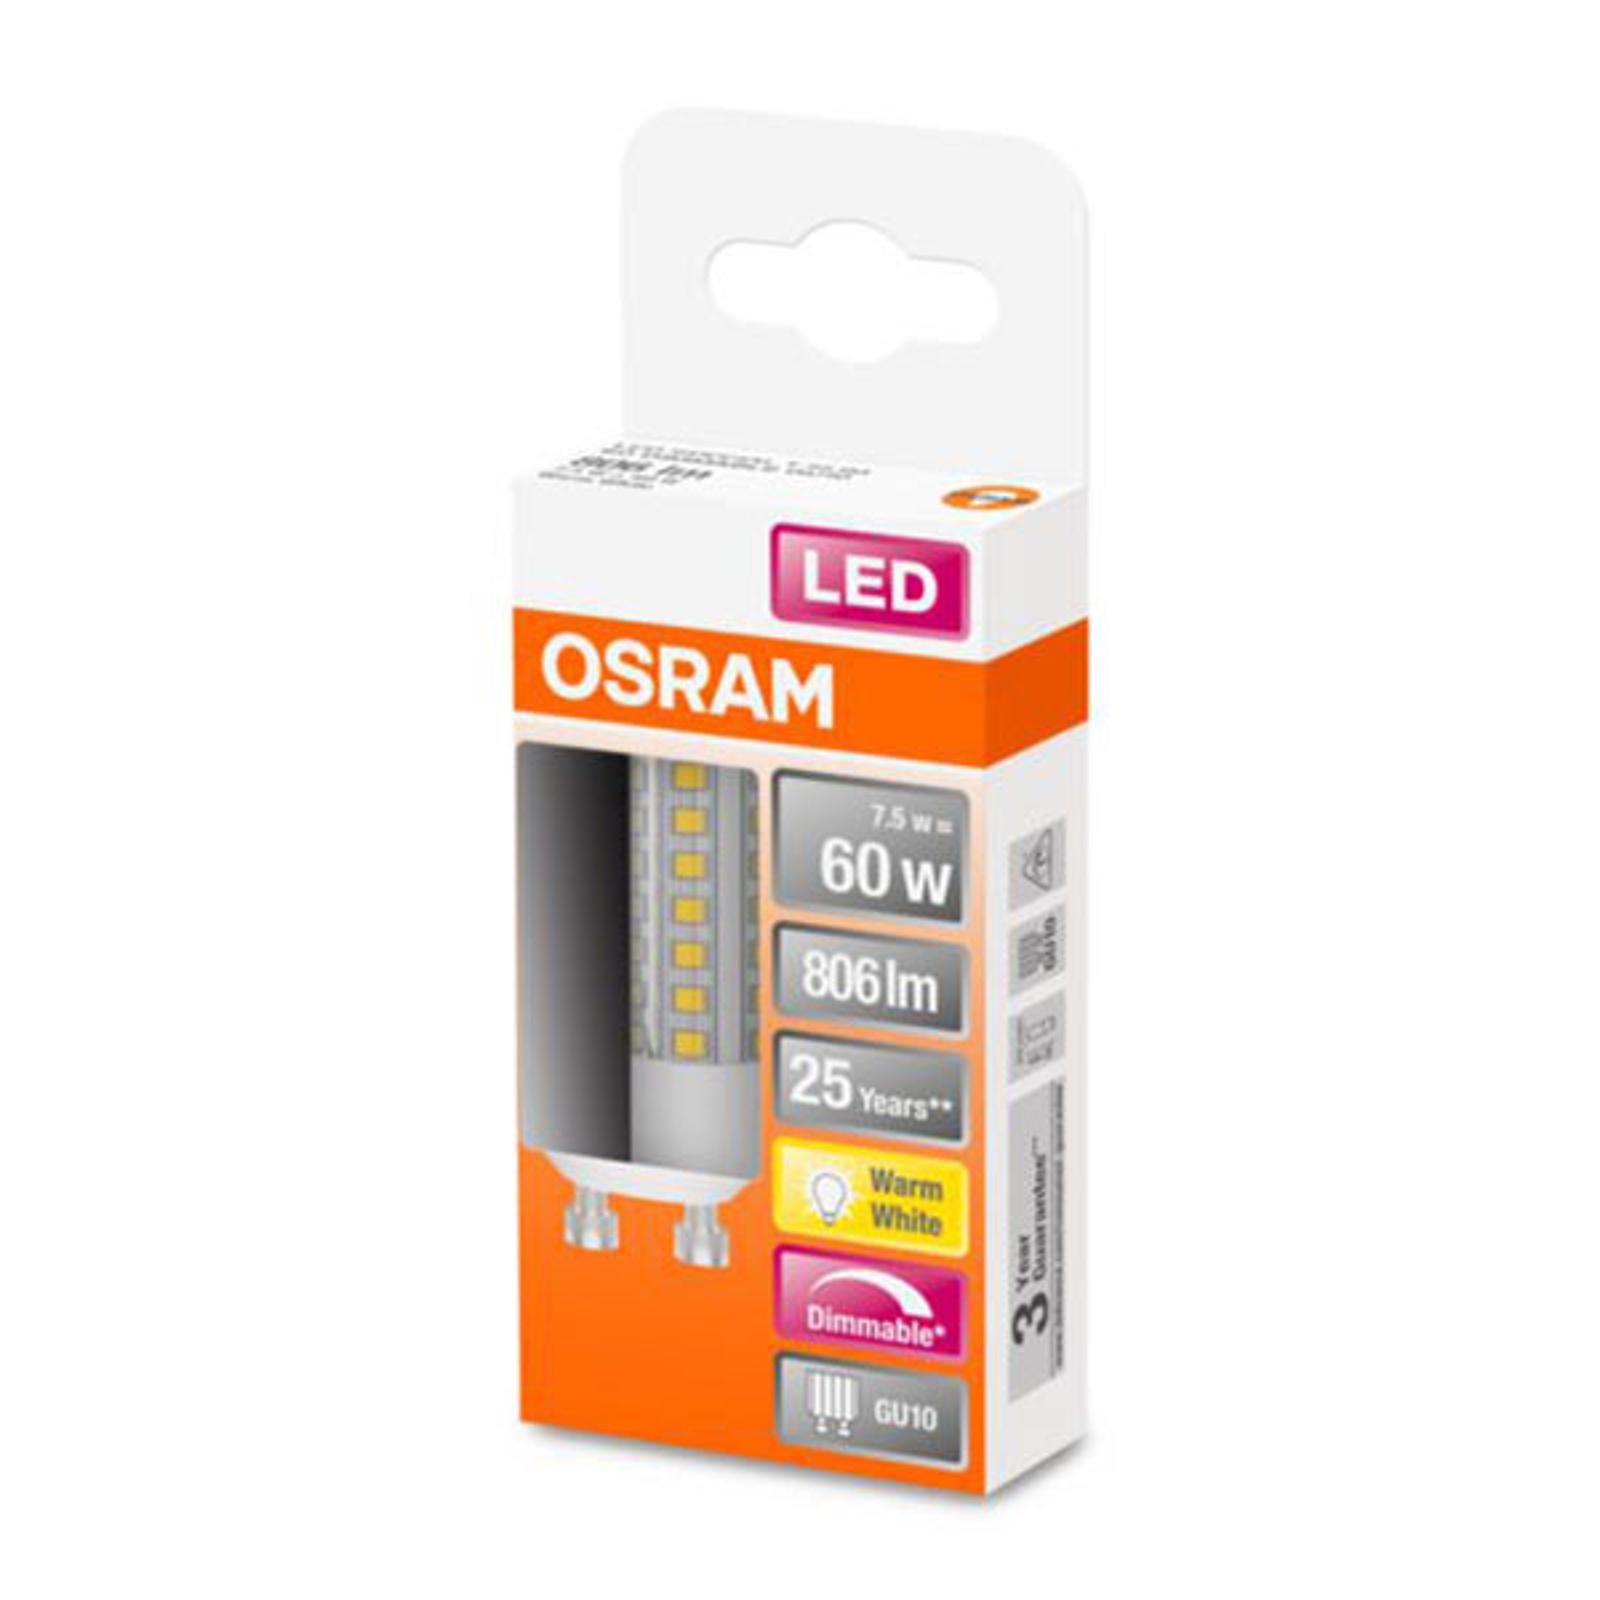 OSRAM-LED-lamppu Special T GU10 7,5W 2 700 K dim